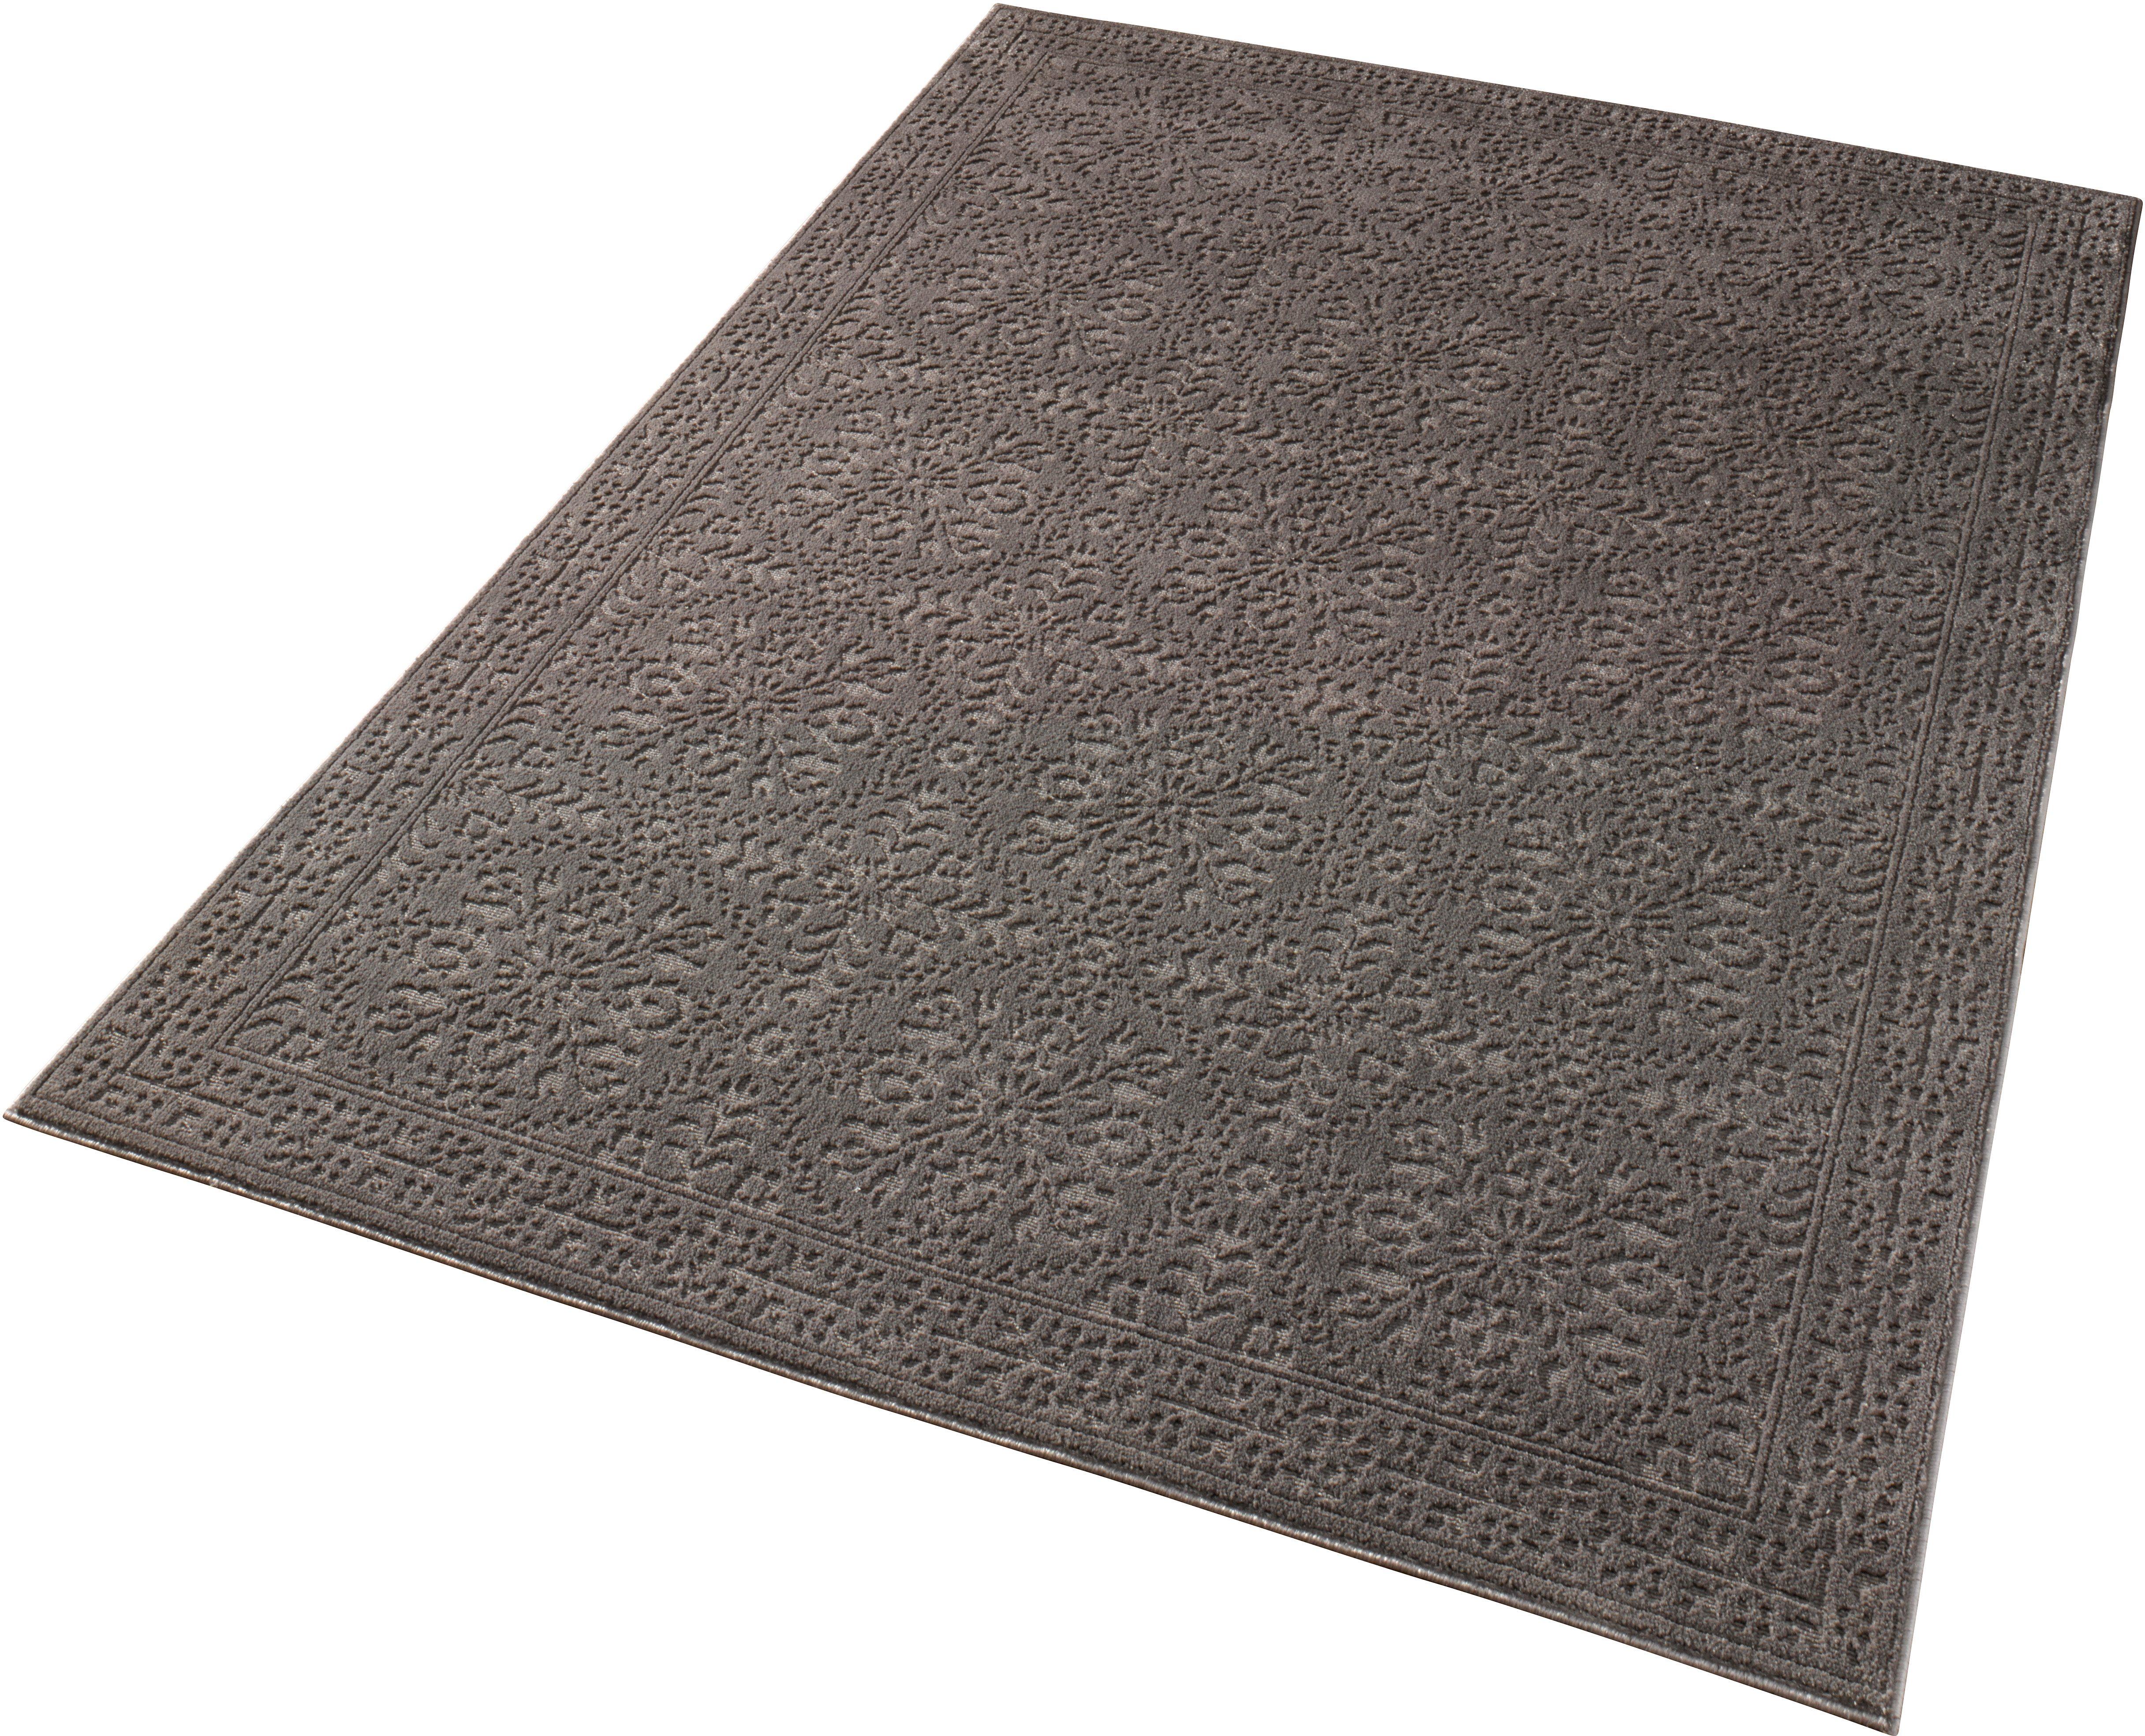 Teppich Noblesse SCHÖNGEIST & PETERSEN rechteckig Höhe 85 mm maschinell gewebt